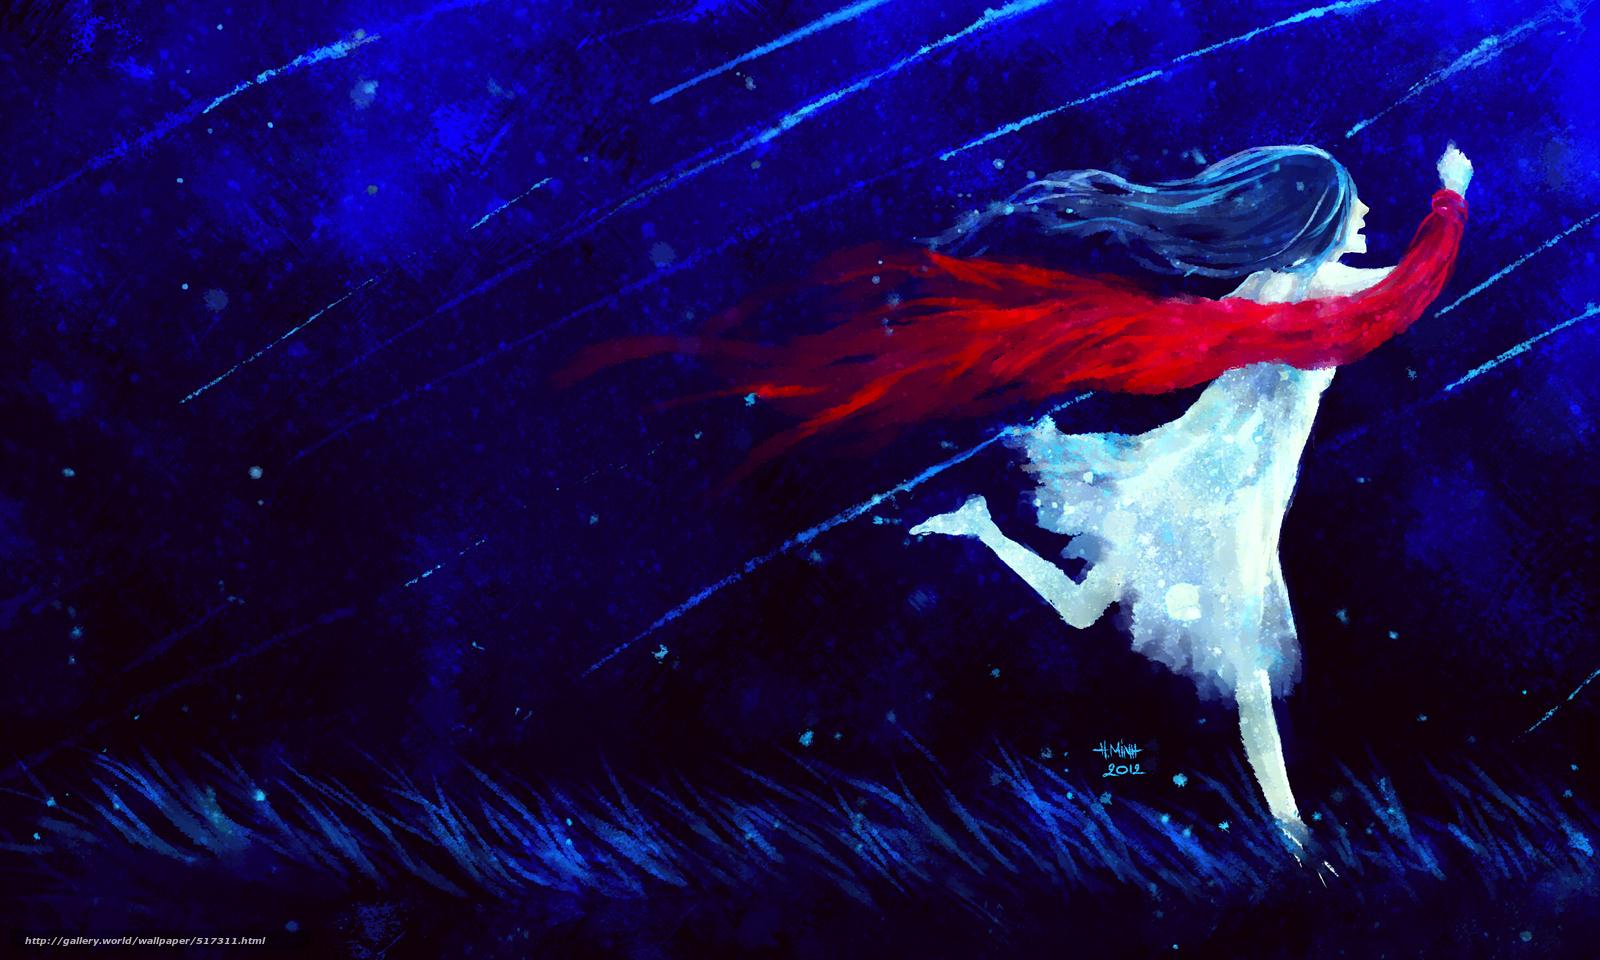 wallpaper night girl Shooting Stars runs desktop wallpaper 1600x960